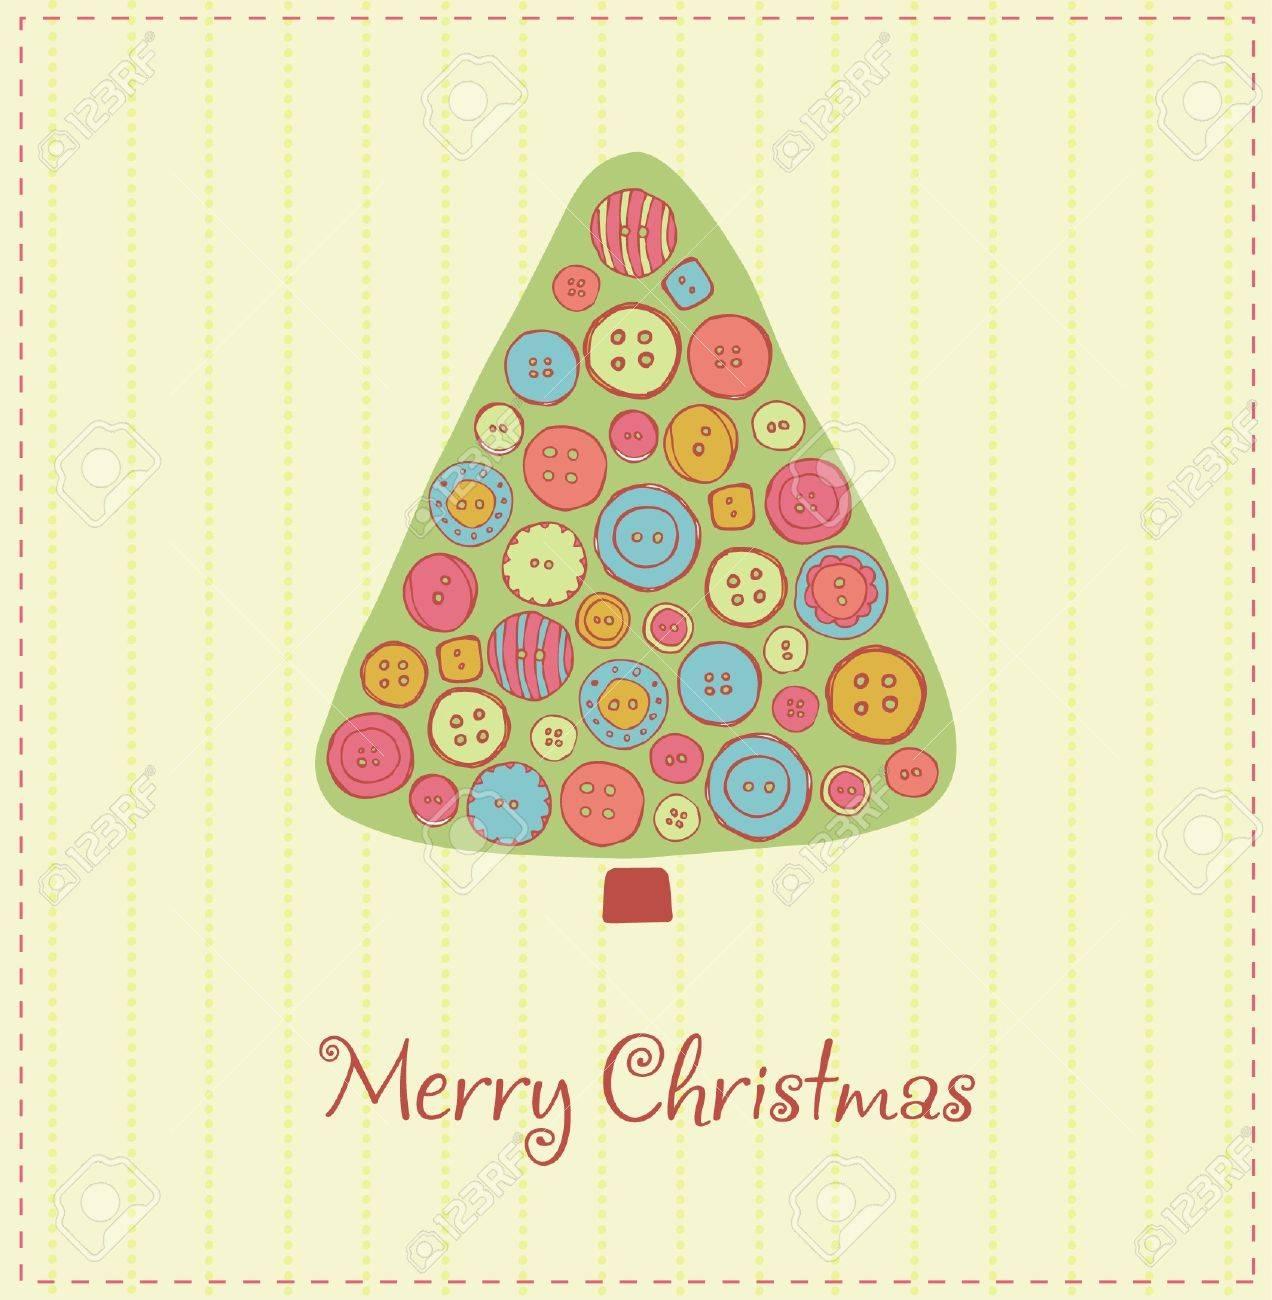 Illustriert Vorlage Für Design Weihnachtskarte Mit Festlichen